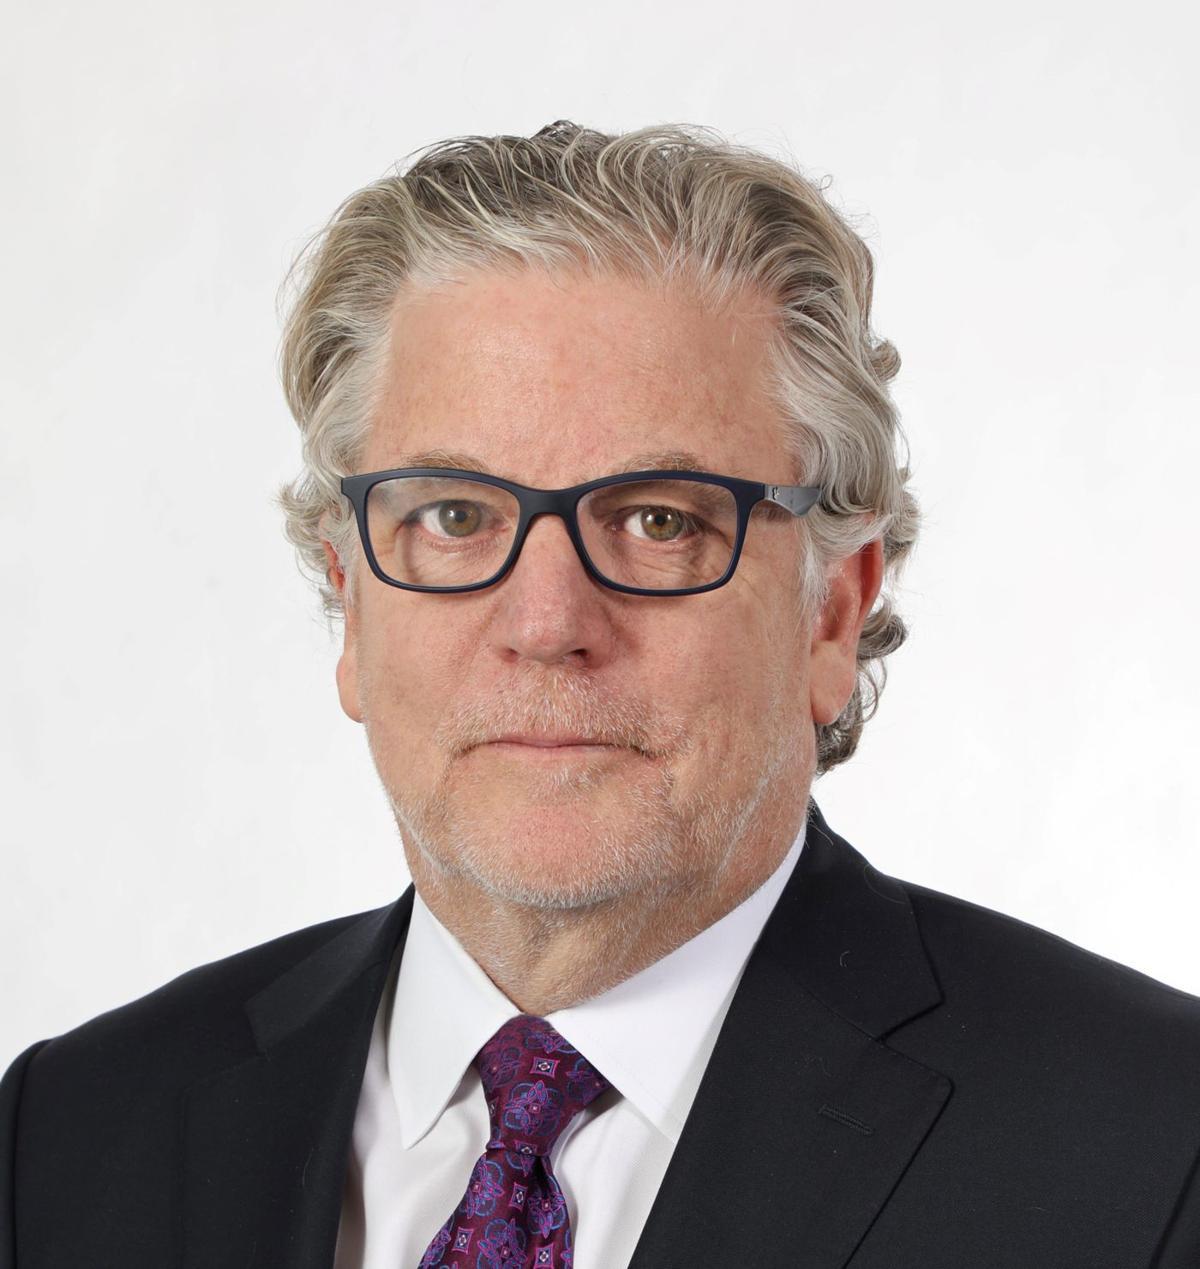 Attorney Russell Lichtenstein